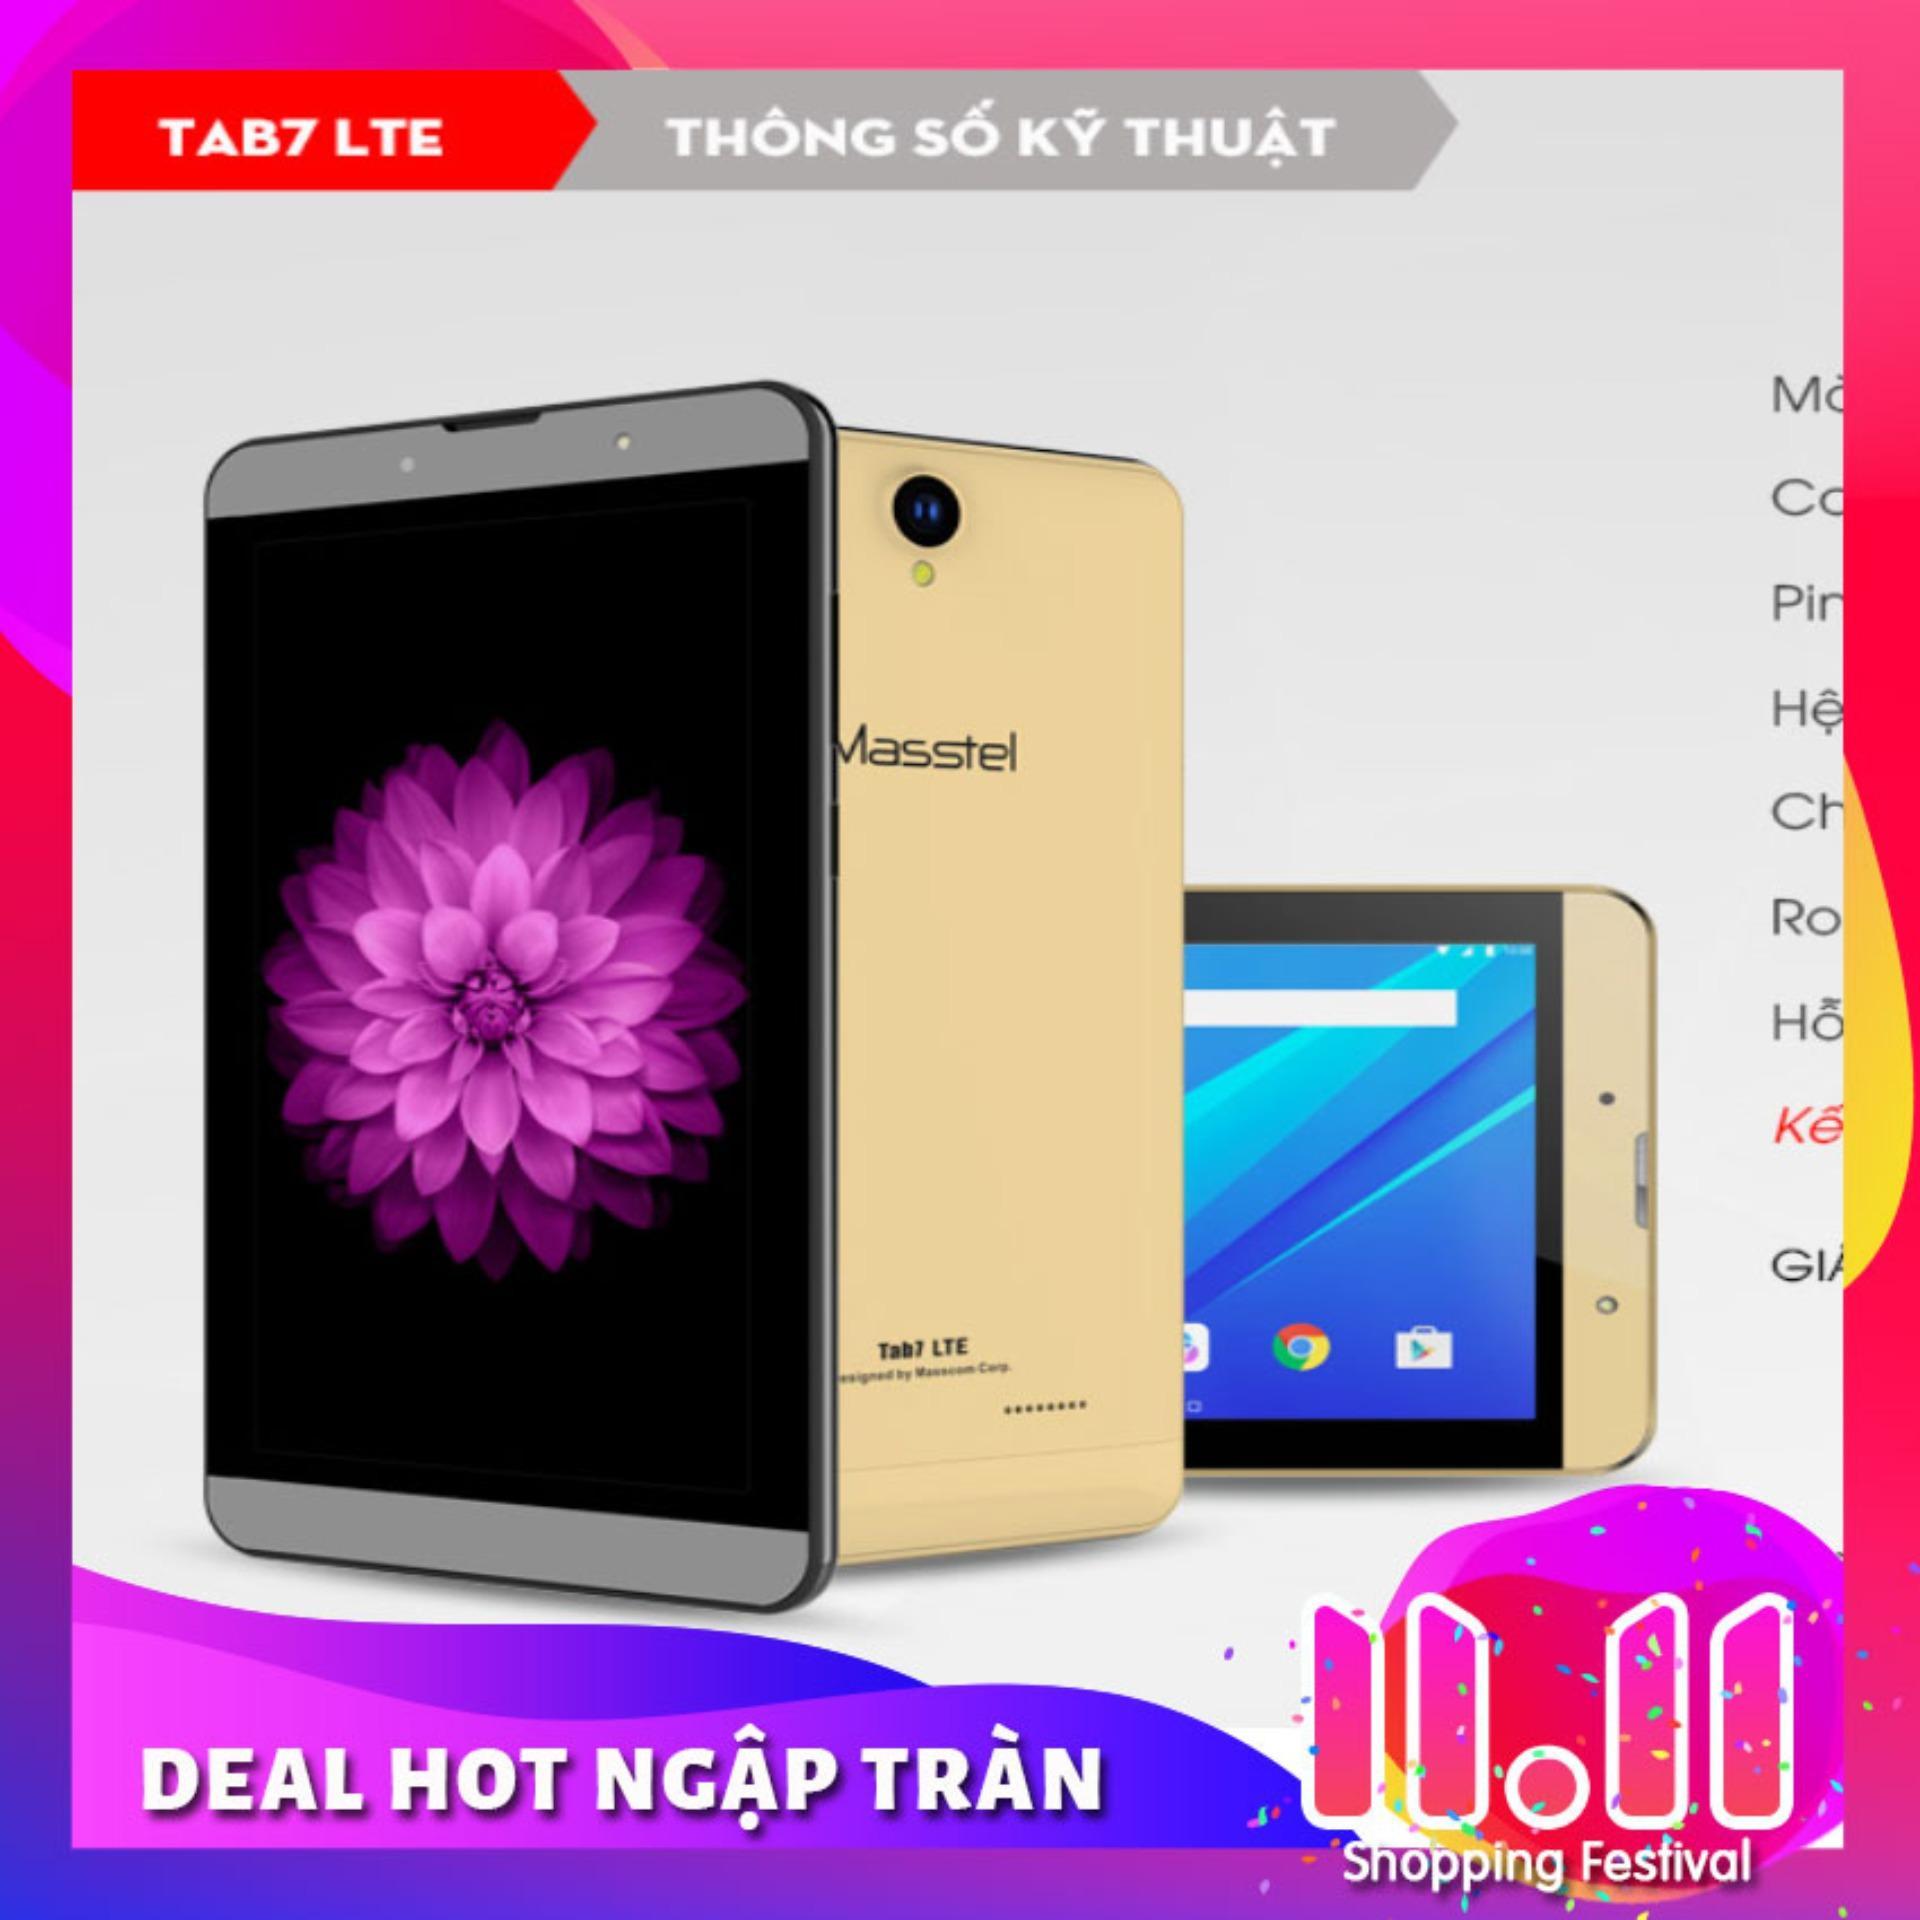 Máy Tính Bảng , Masstel Tab 7 LTE ( 4G ) - 7 Inch . 2 Sim nghe gọi -...